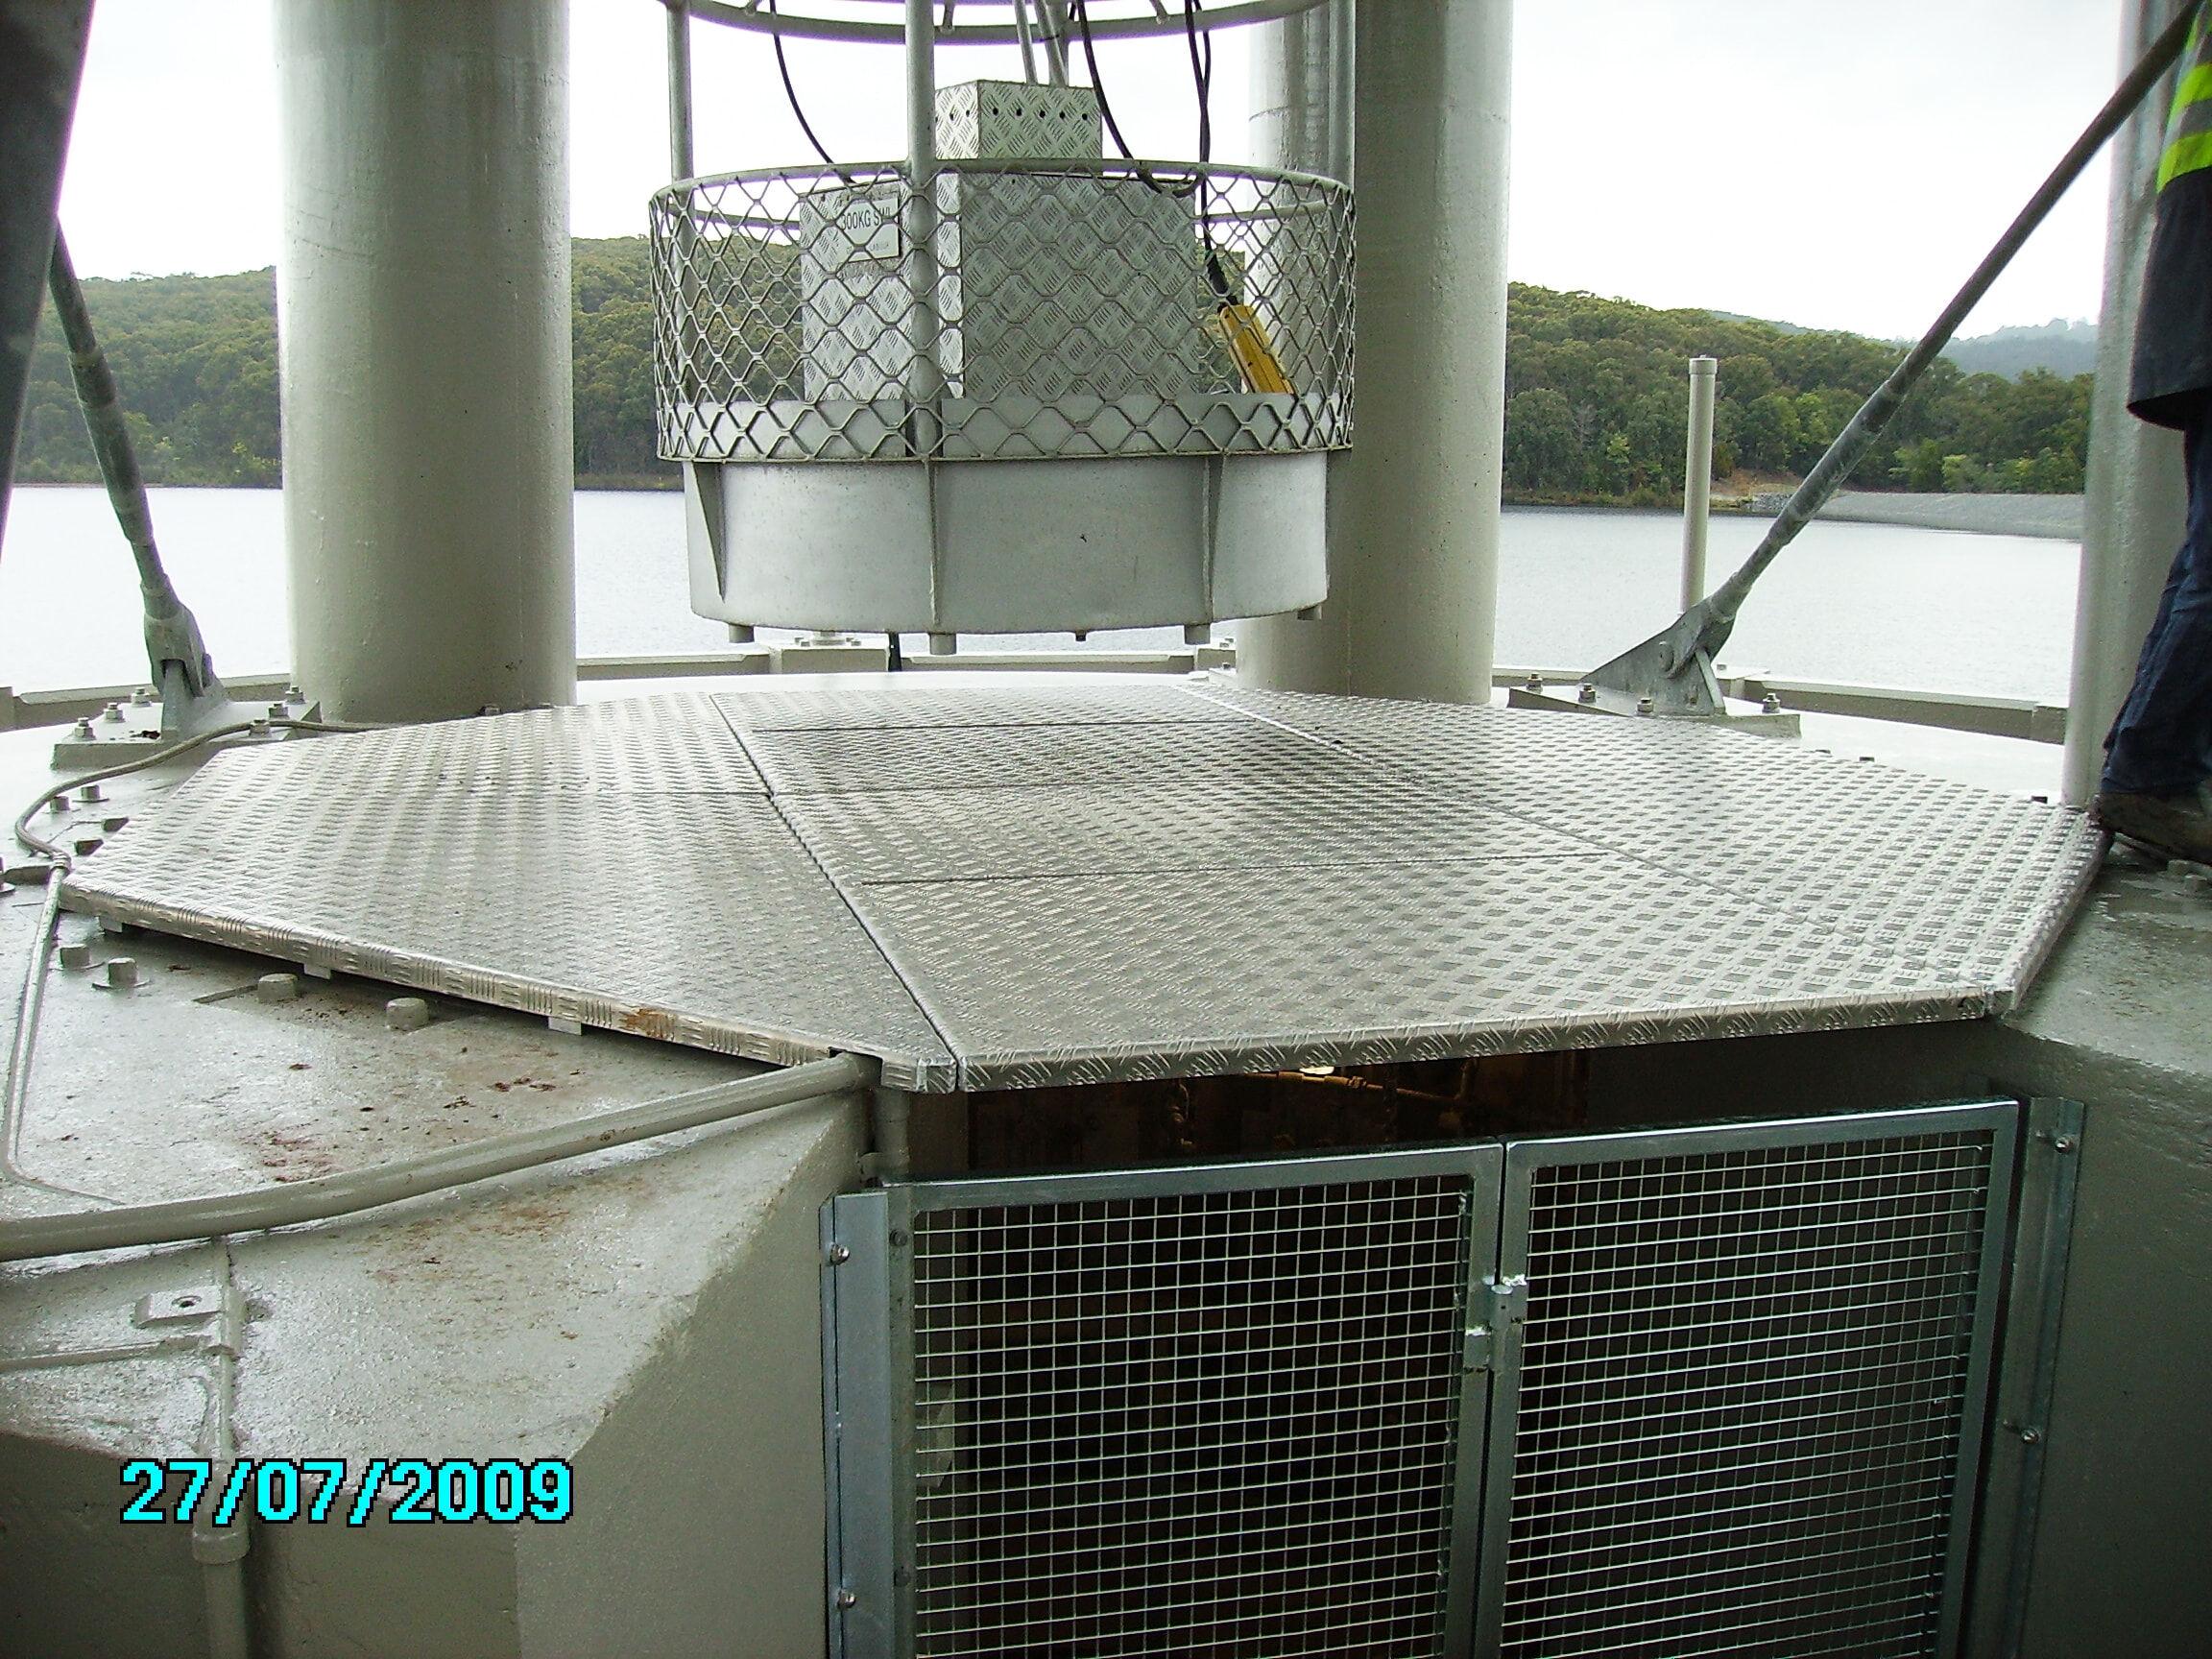 Silvan Dam door access